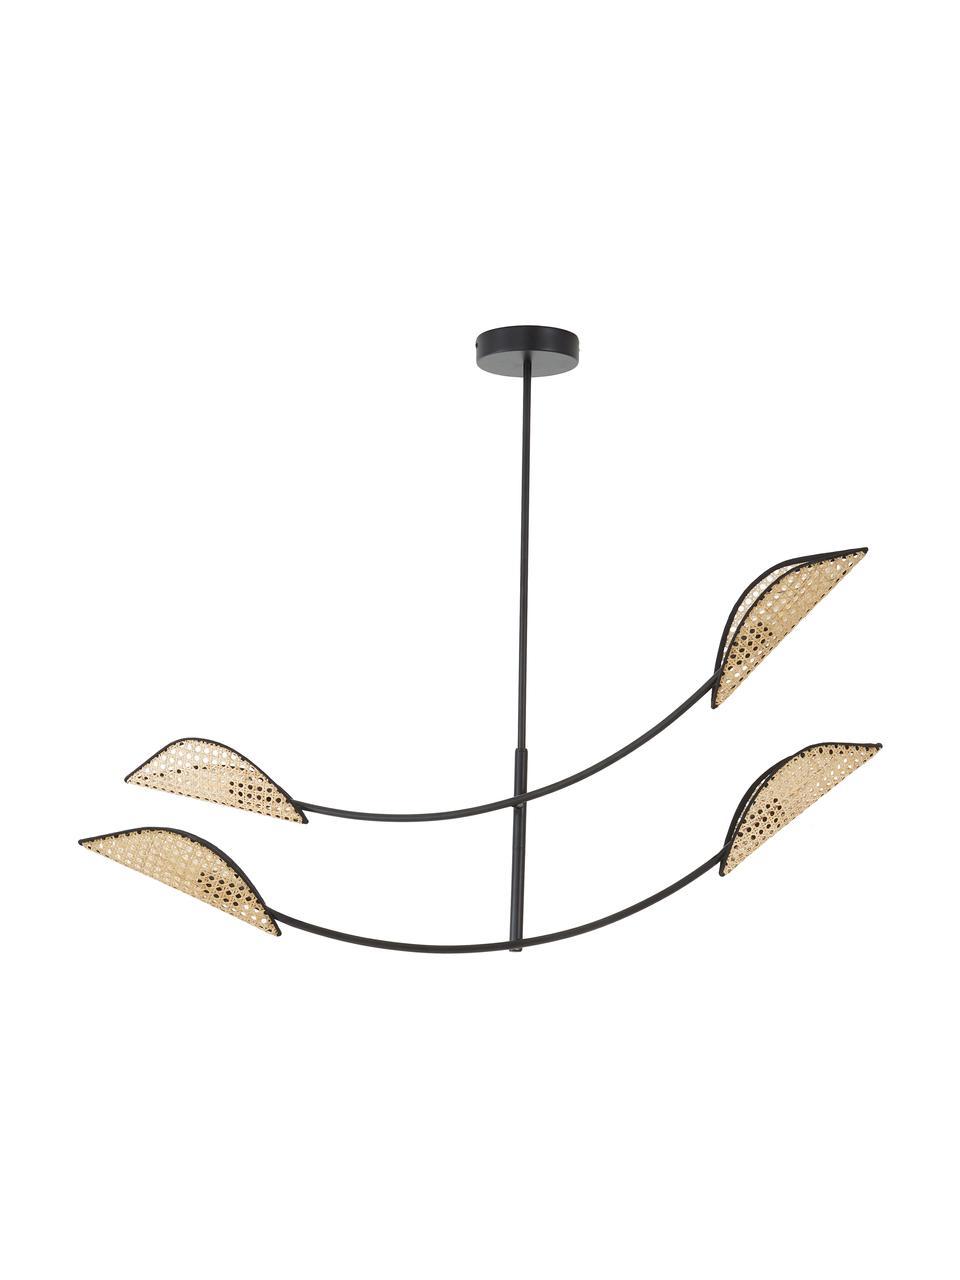 Grote hanglamp Freja van Weens vlechtwerk, Baldakijn: gepoedercoat metaal, Zwart, 112 x 89 cm